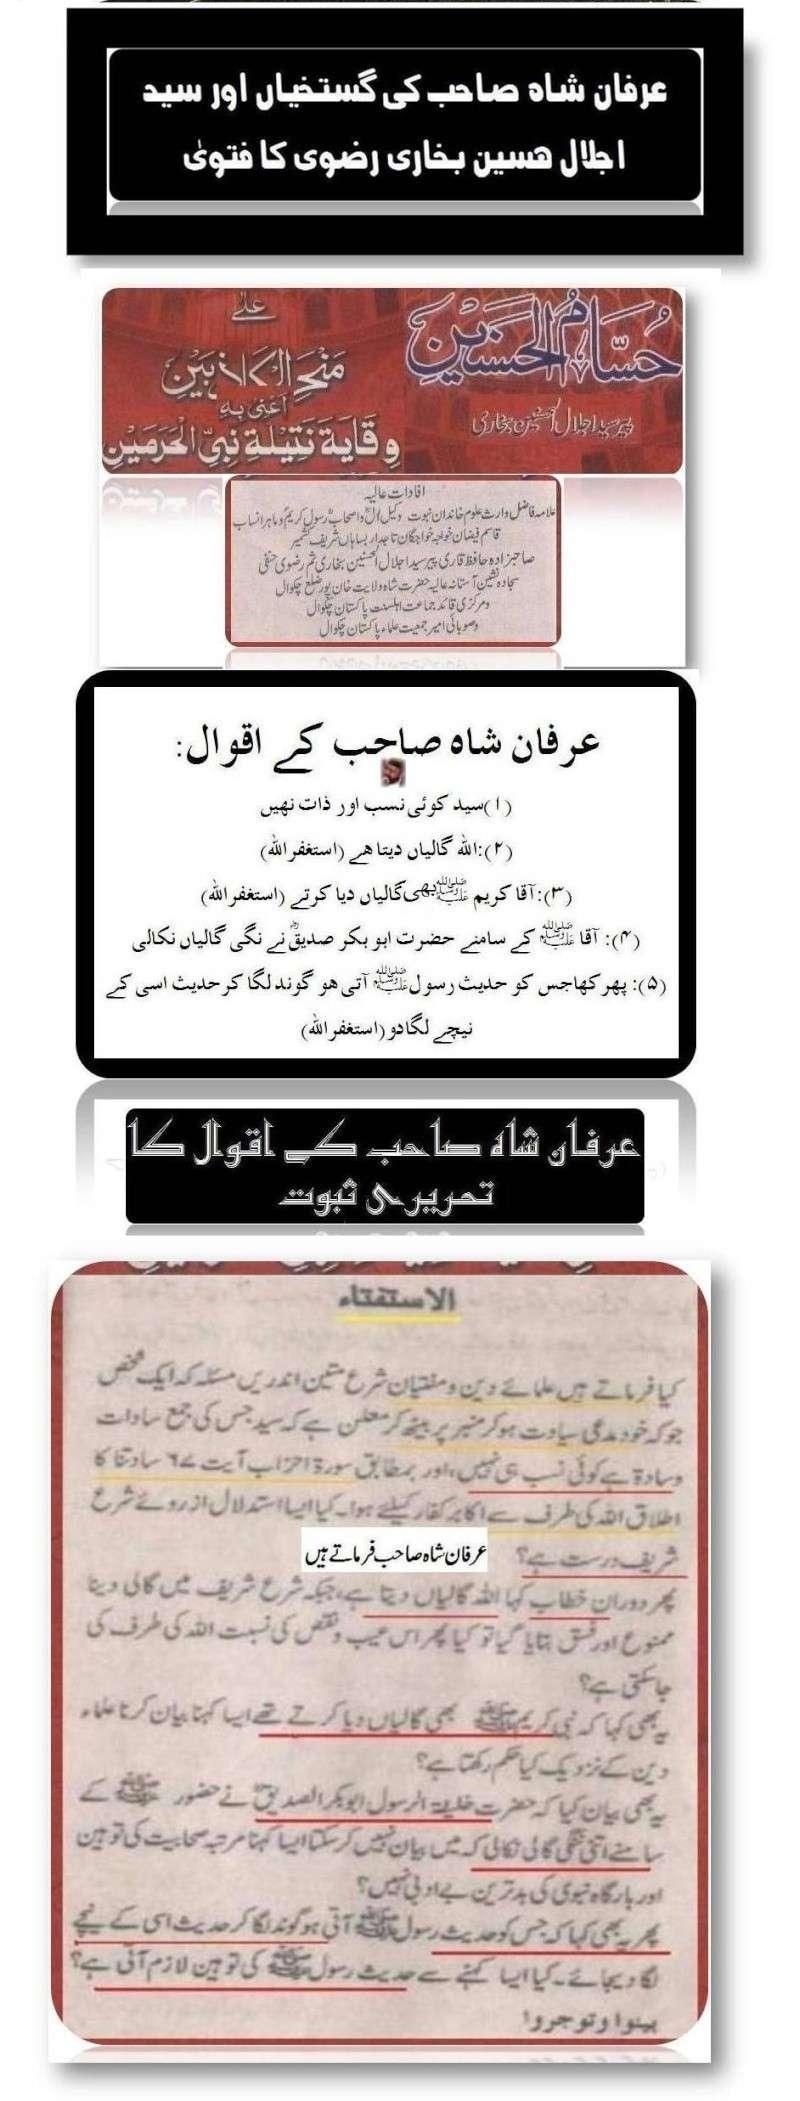 پیر عرفان شاہ صاحب کے جھوٹ Post_211